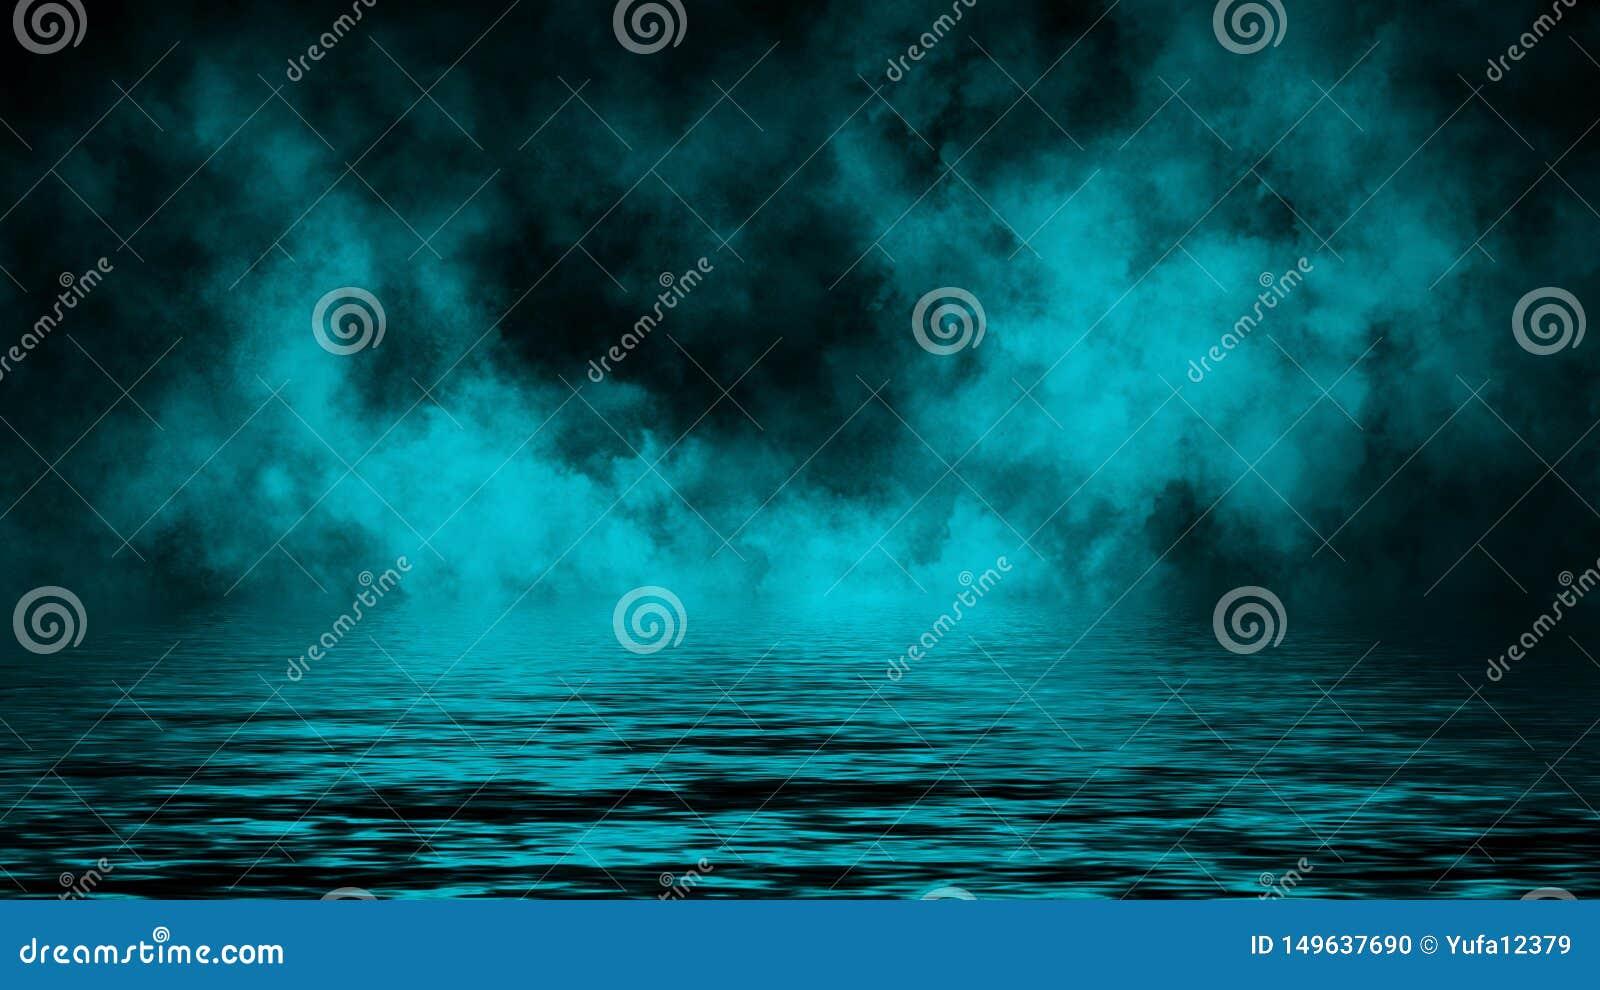 Humo con la reflexi?n en agua La textura azul de la niebla del misterio sobrepone el fondo